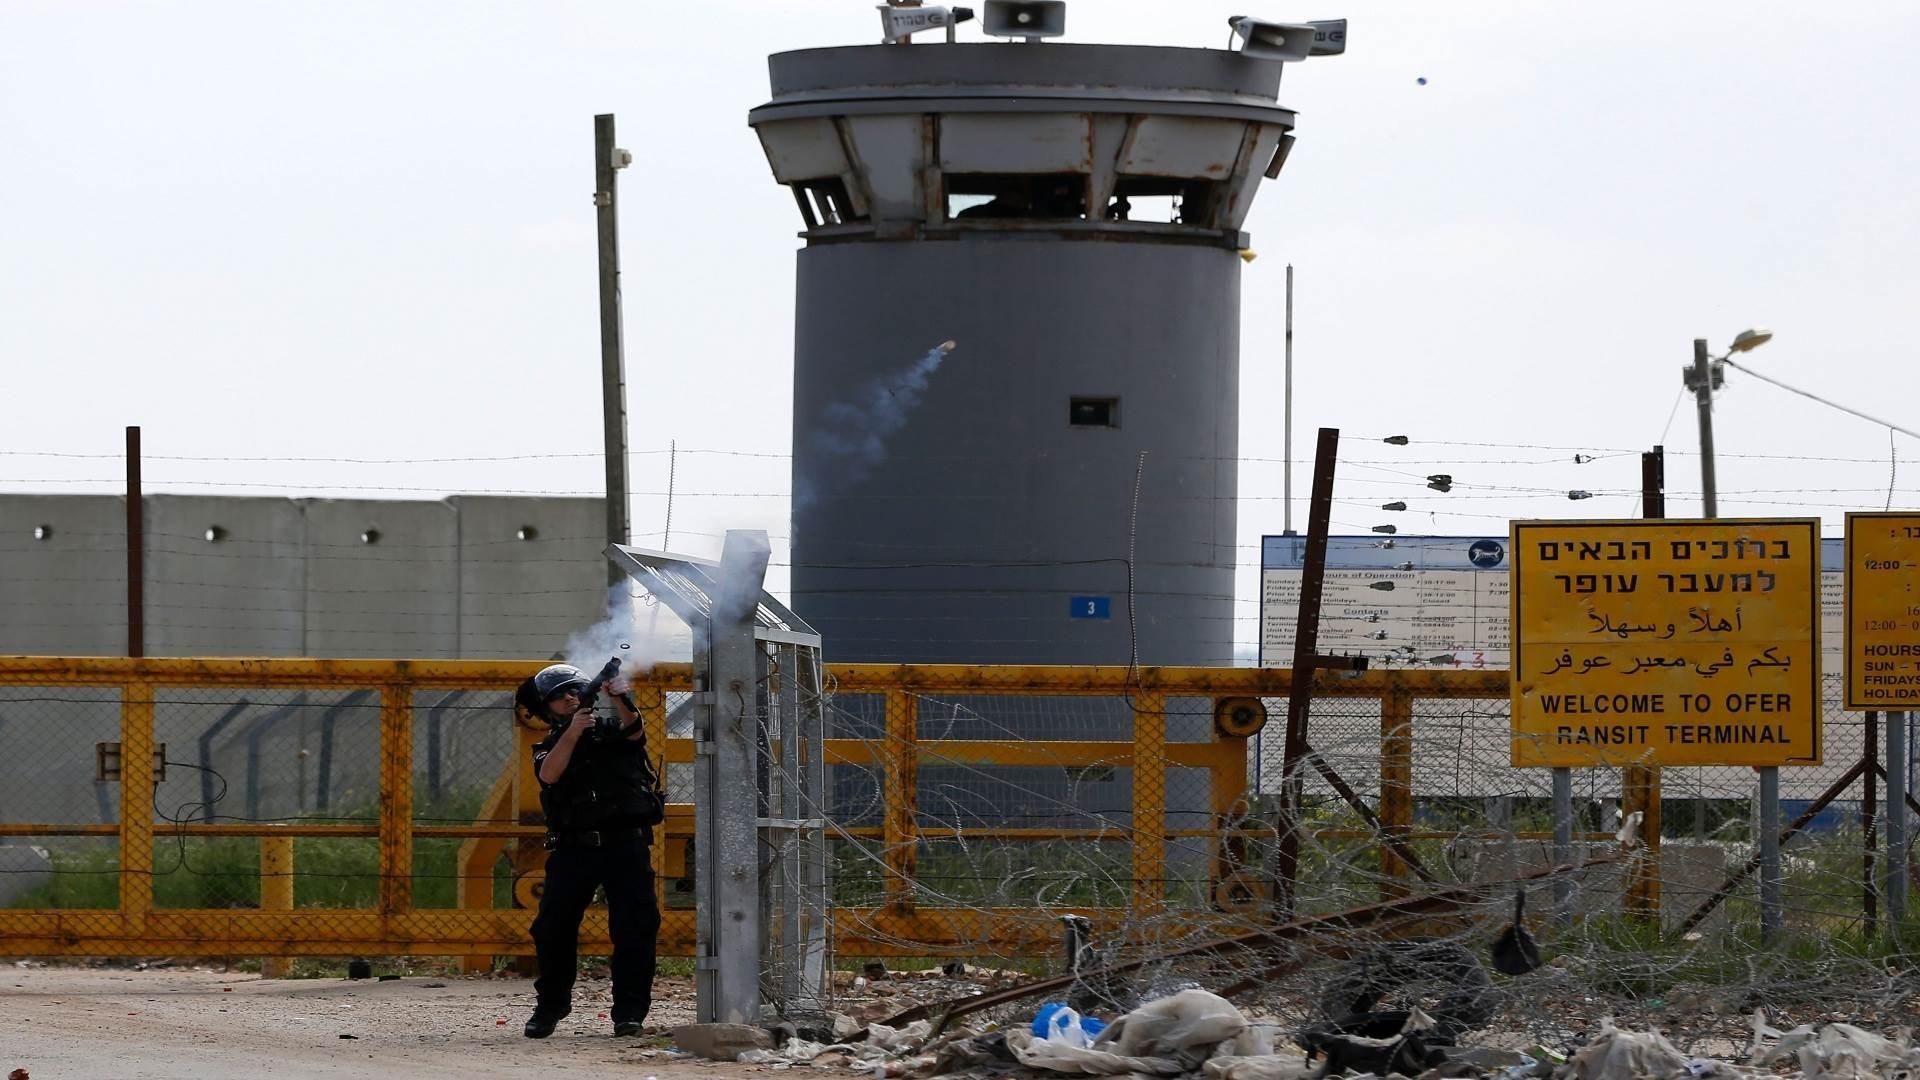 نادي الأسير: قوات القمع تقتحم أقسام الأسرى في سجن